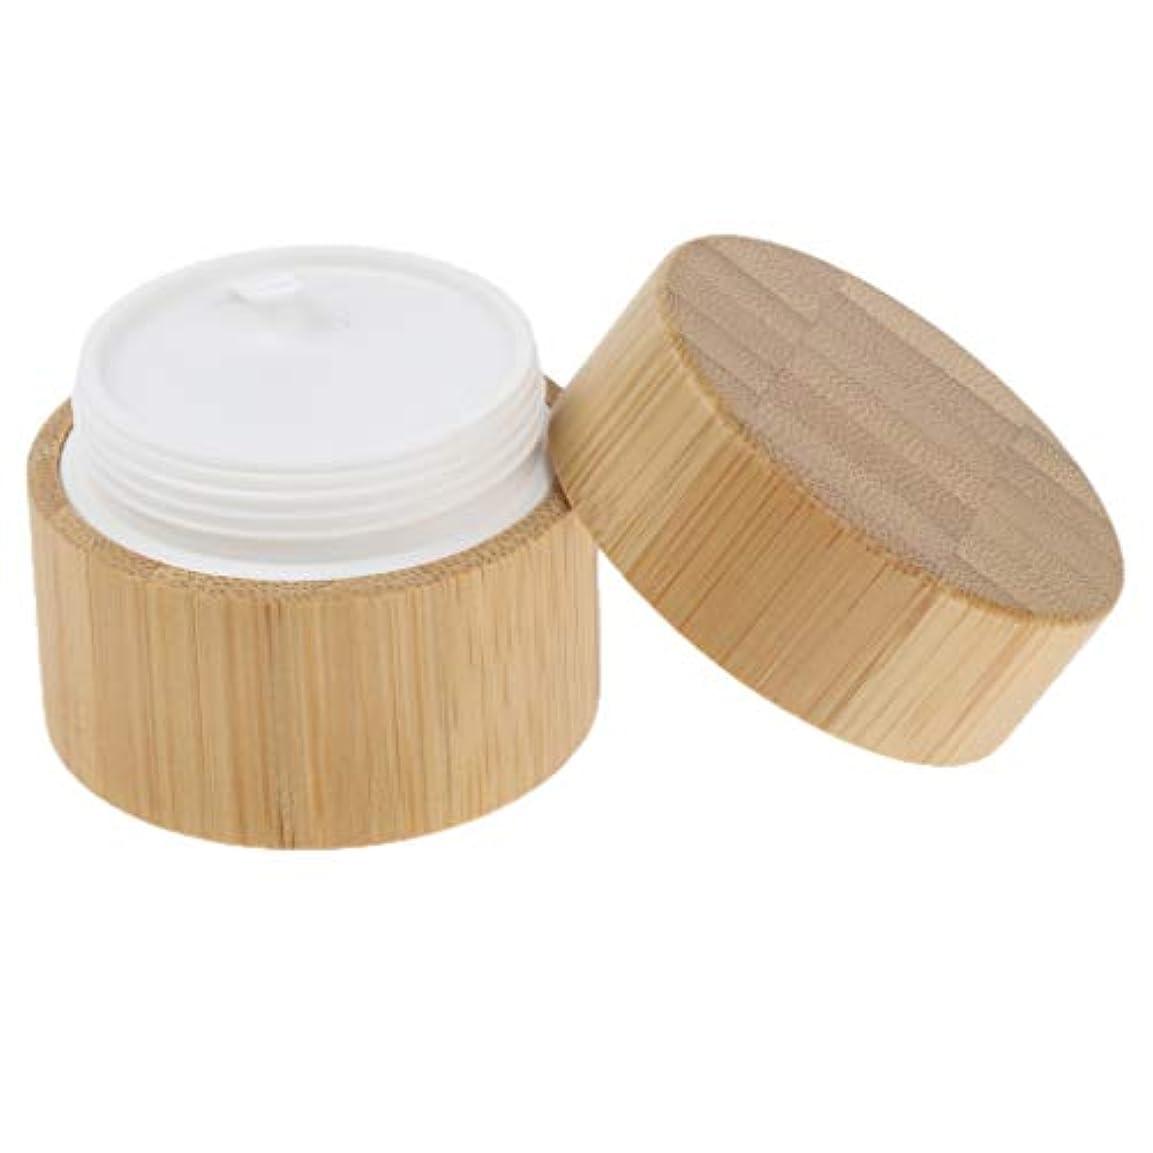 粘液リーク補助金ナチュラル 竹木 ラウンド クリームコンテナ リップバーム コスメ 化粧品容器 2サイズ選べ - 30g